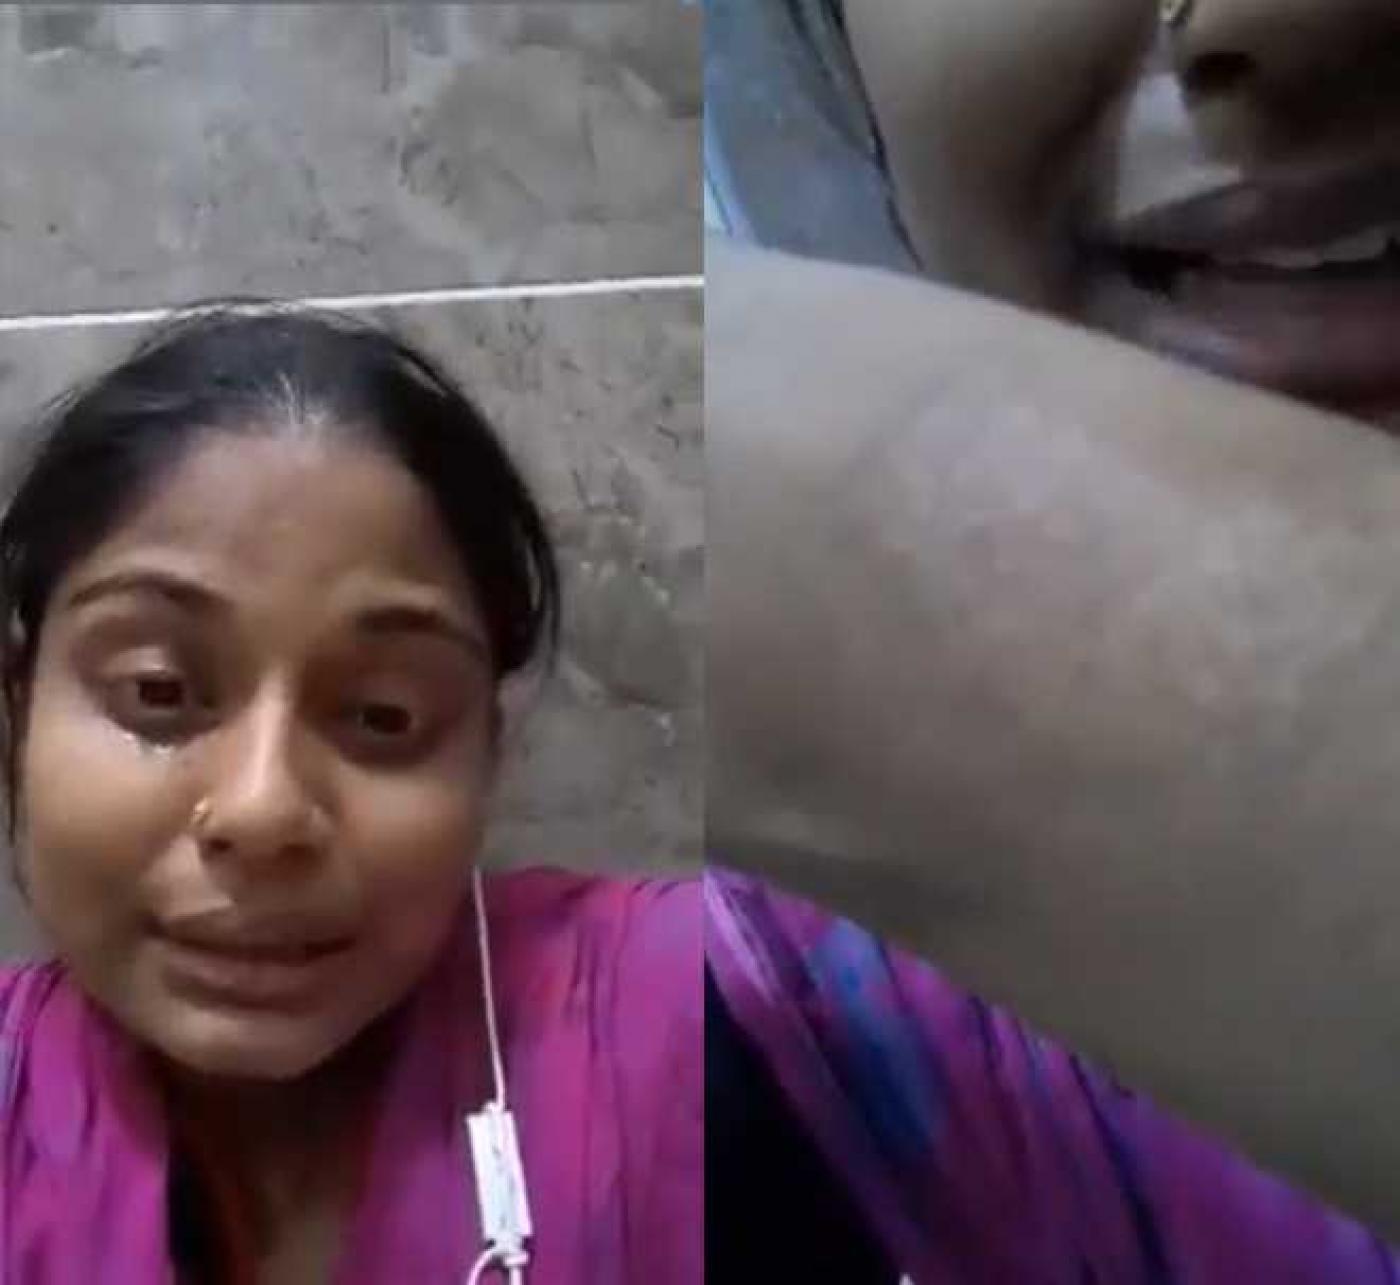 Έζησε τον απόλυτο εφιάλτη εργαζόμενη στην Σαουδική Αραβία - Την είχαν κλειδωμένη, χωρίς φαγητό και της έριχναν καυτό λάδι!